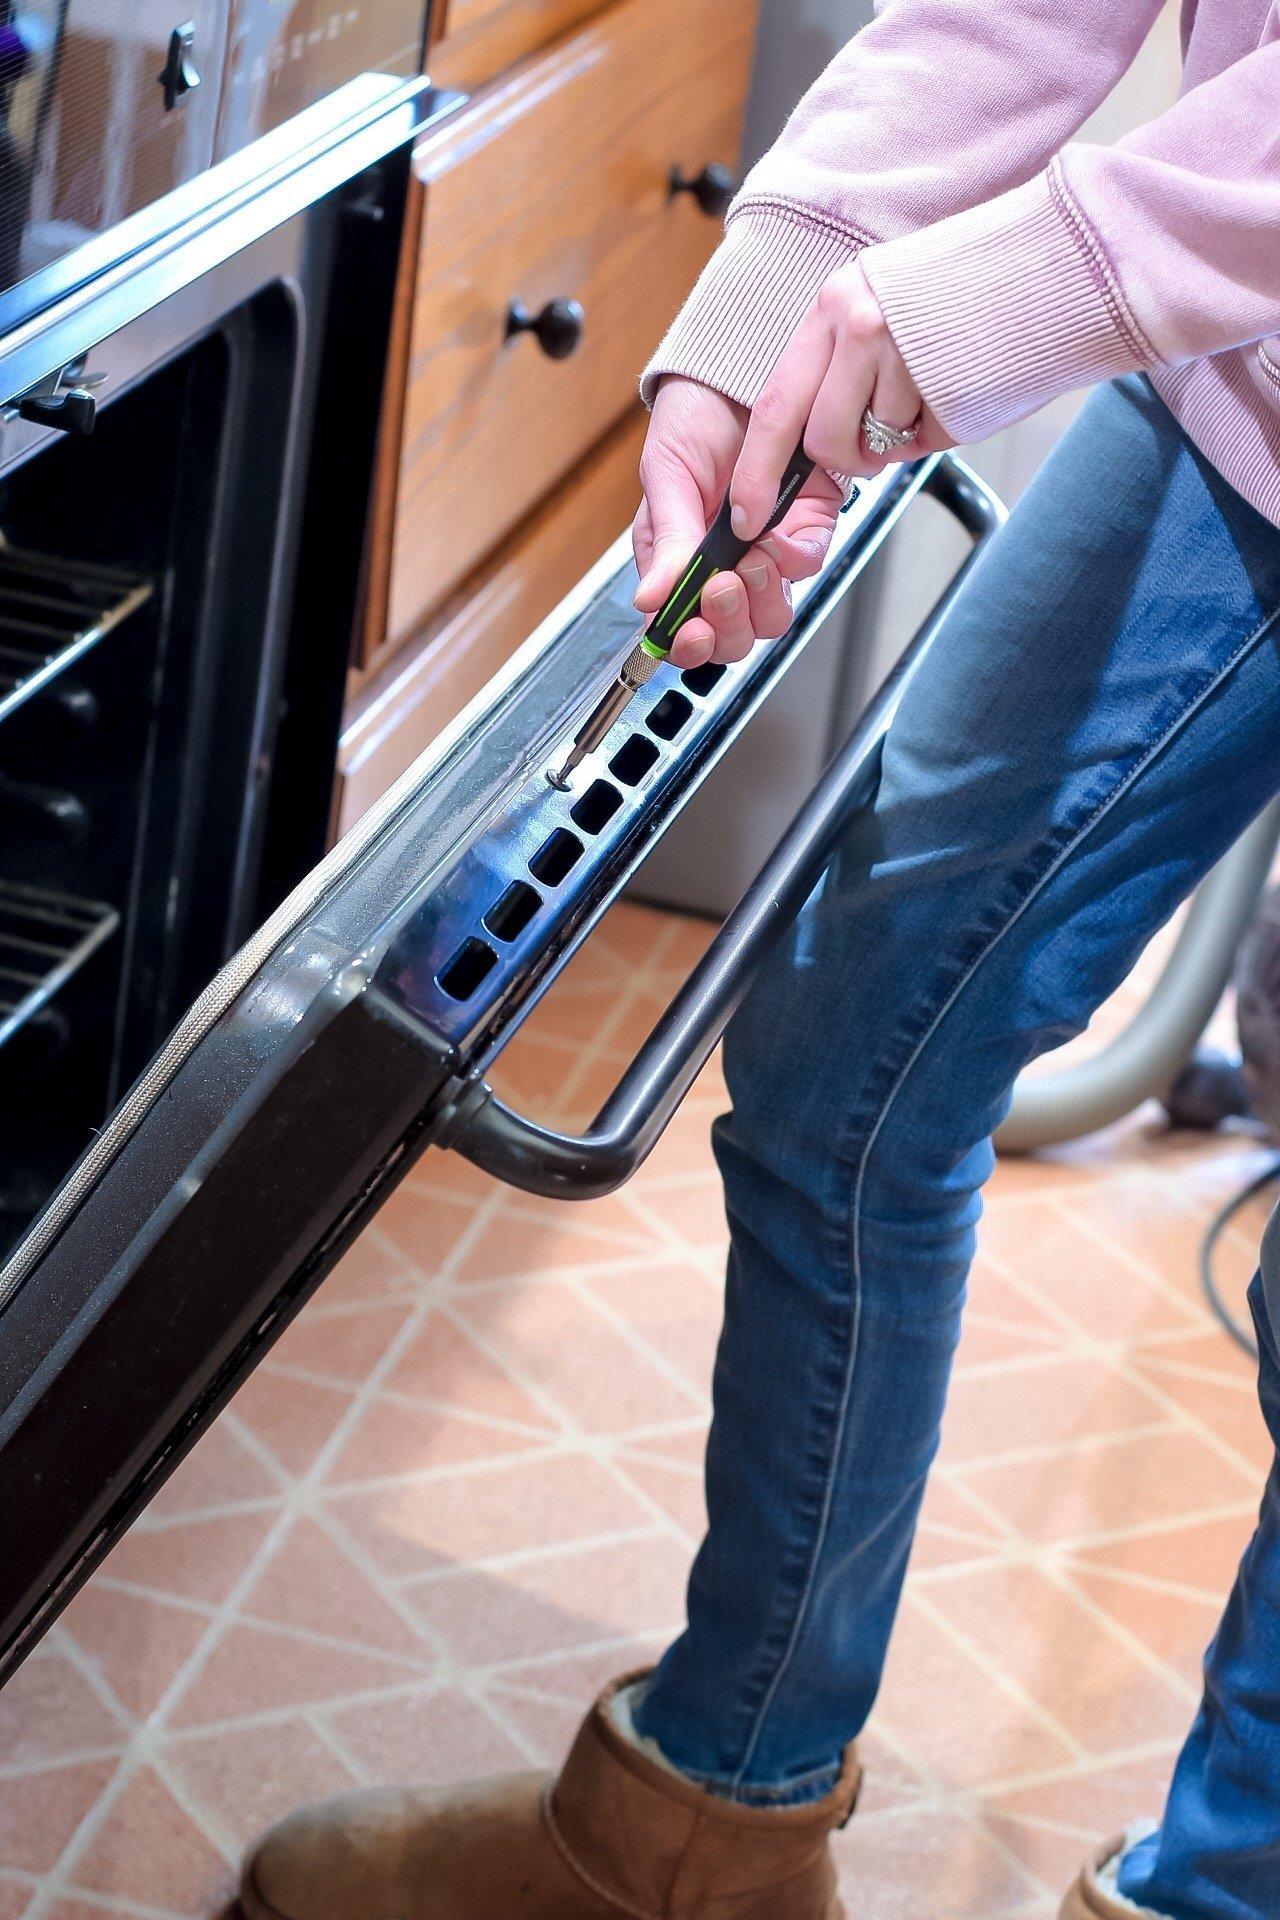 how to clean an oven door